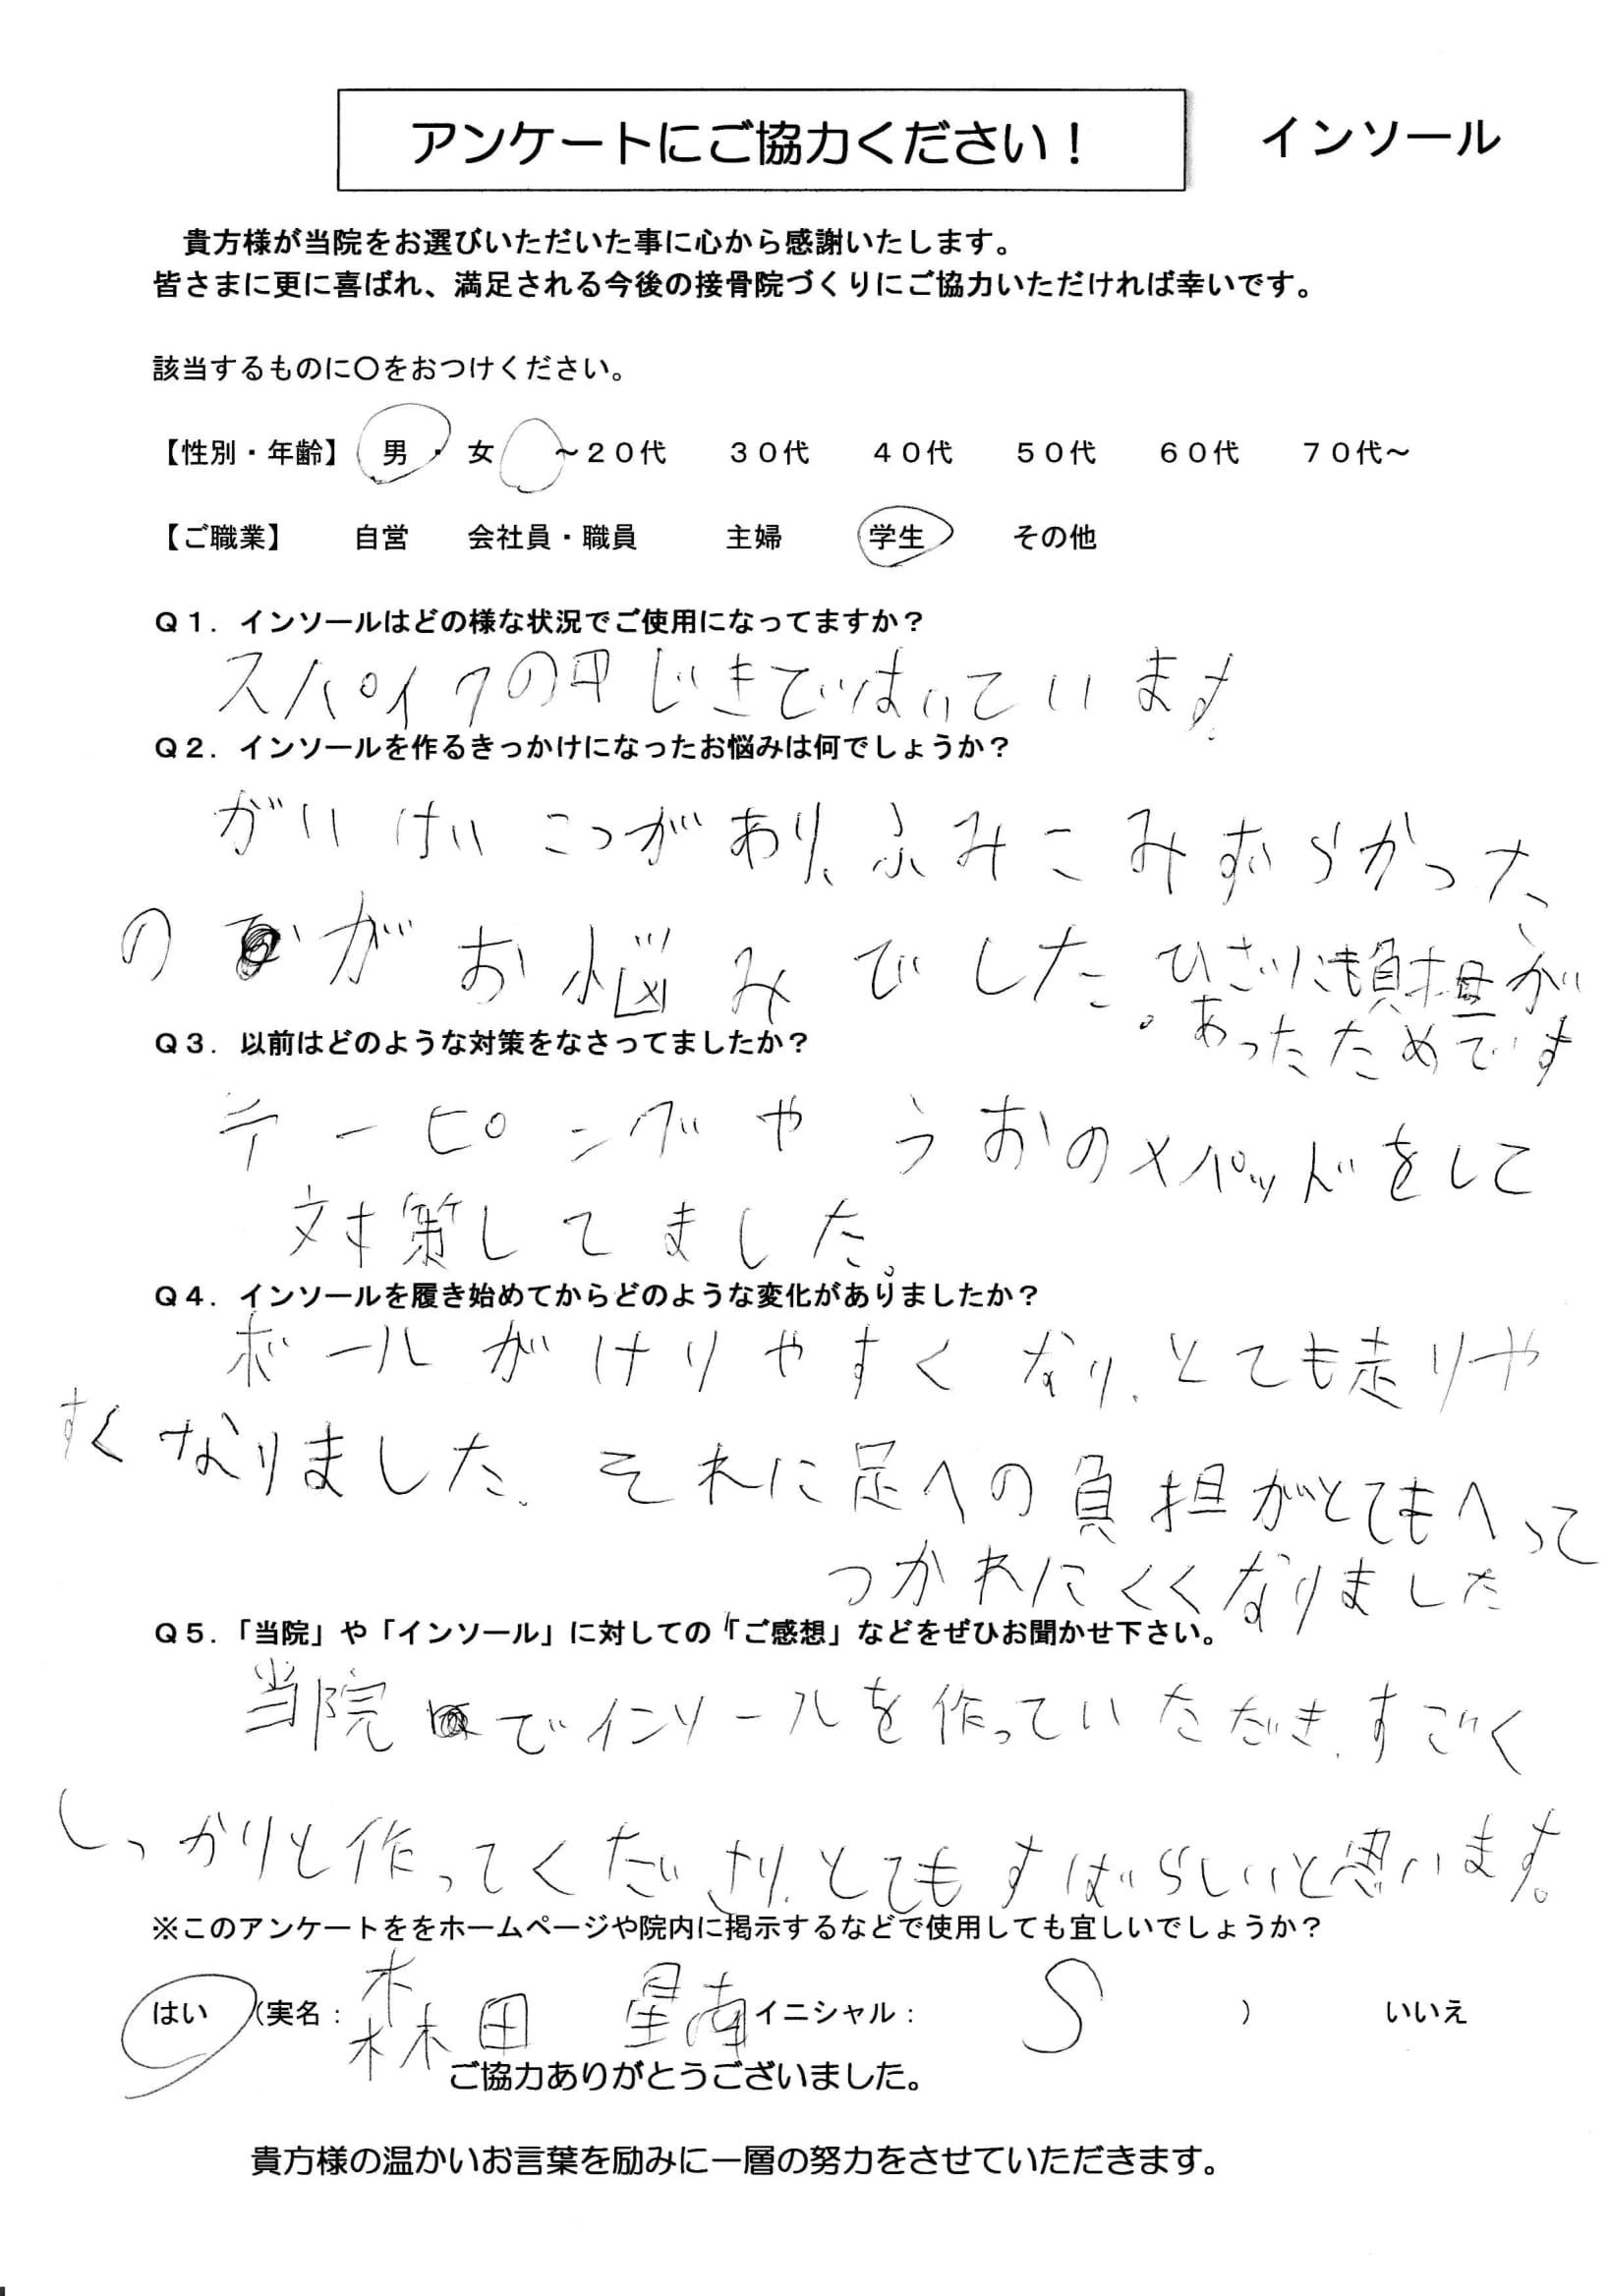 インソール アンケート 10代(男)(森田星南君)-1